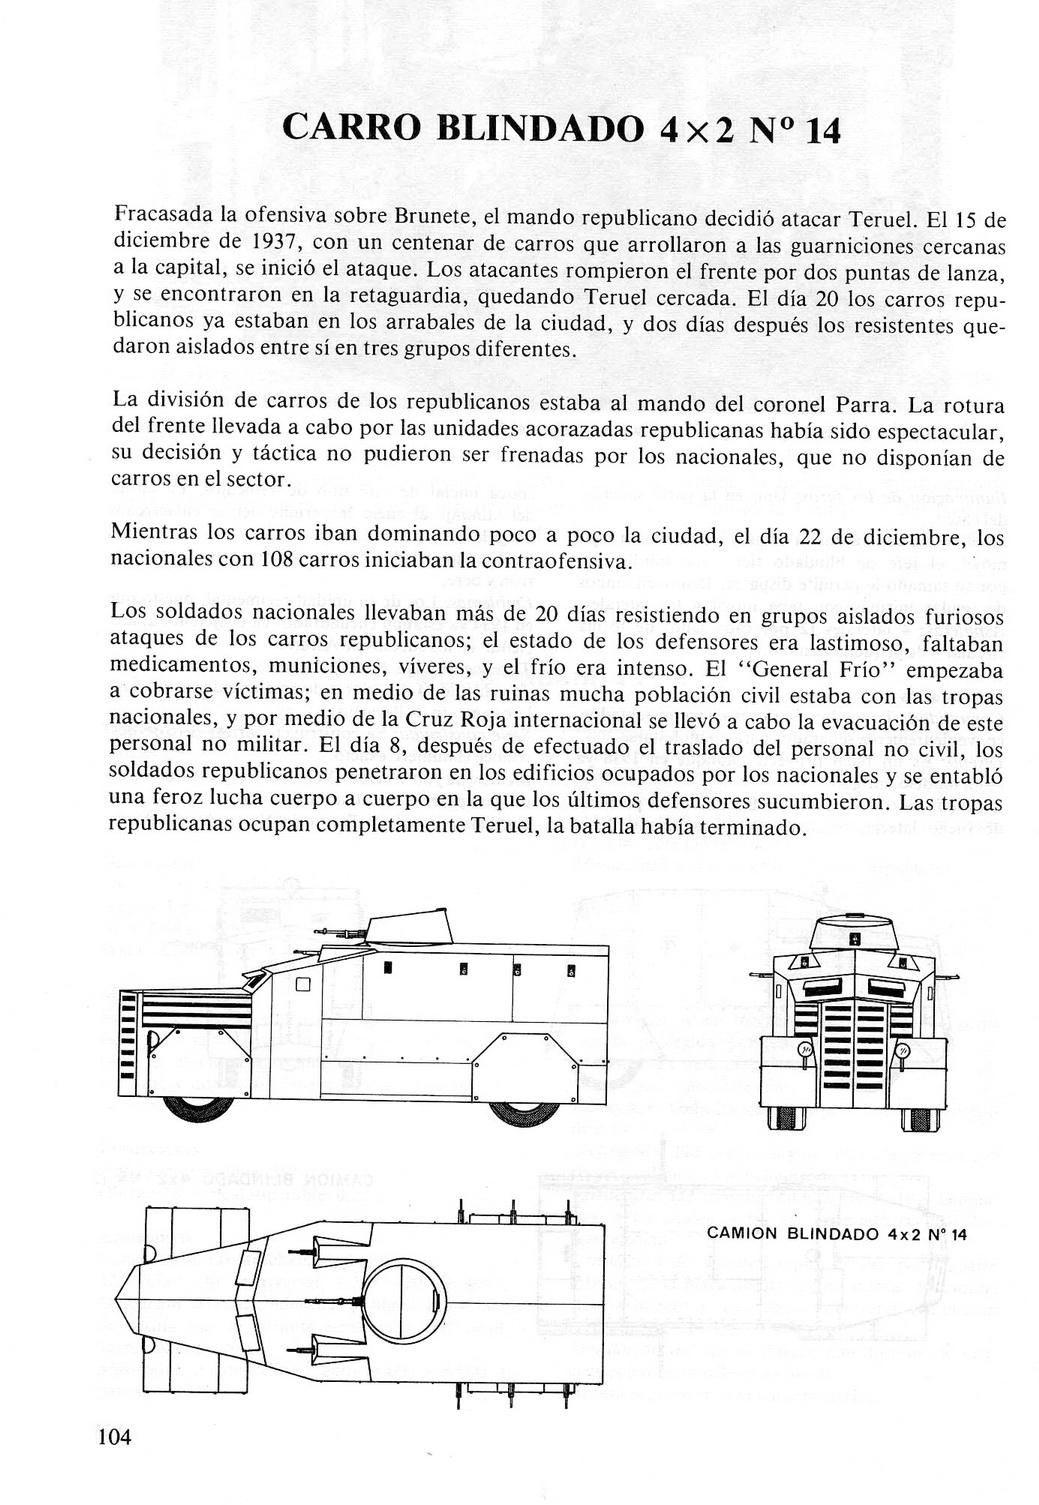 Carros De Combate Y Vehiculos Blindados De La Guerra 1936 1939 [F.C.Albert 1980]_Страница_102.jpg